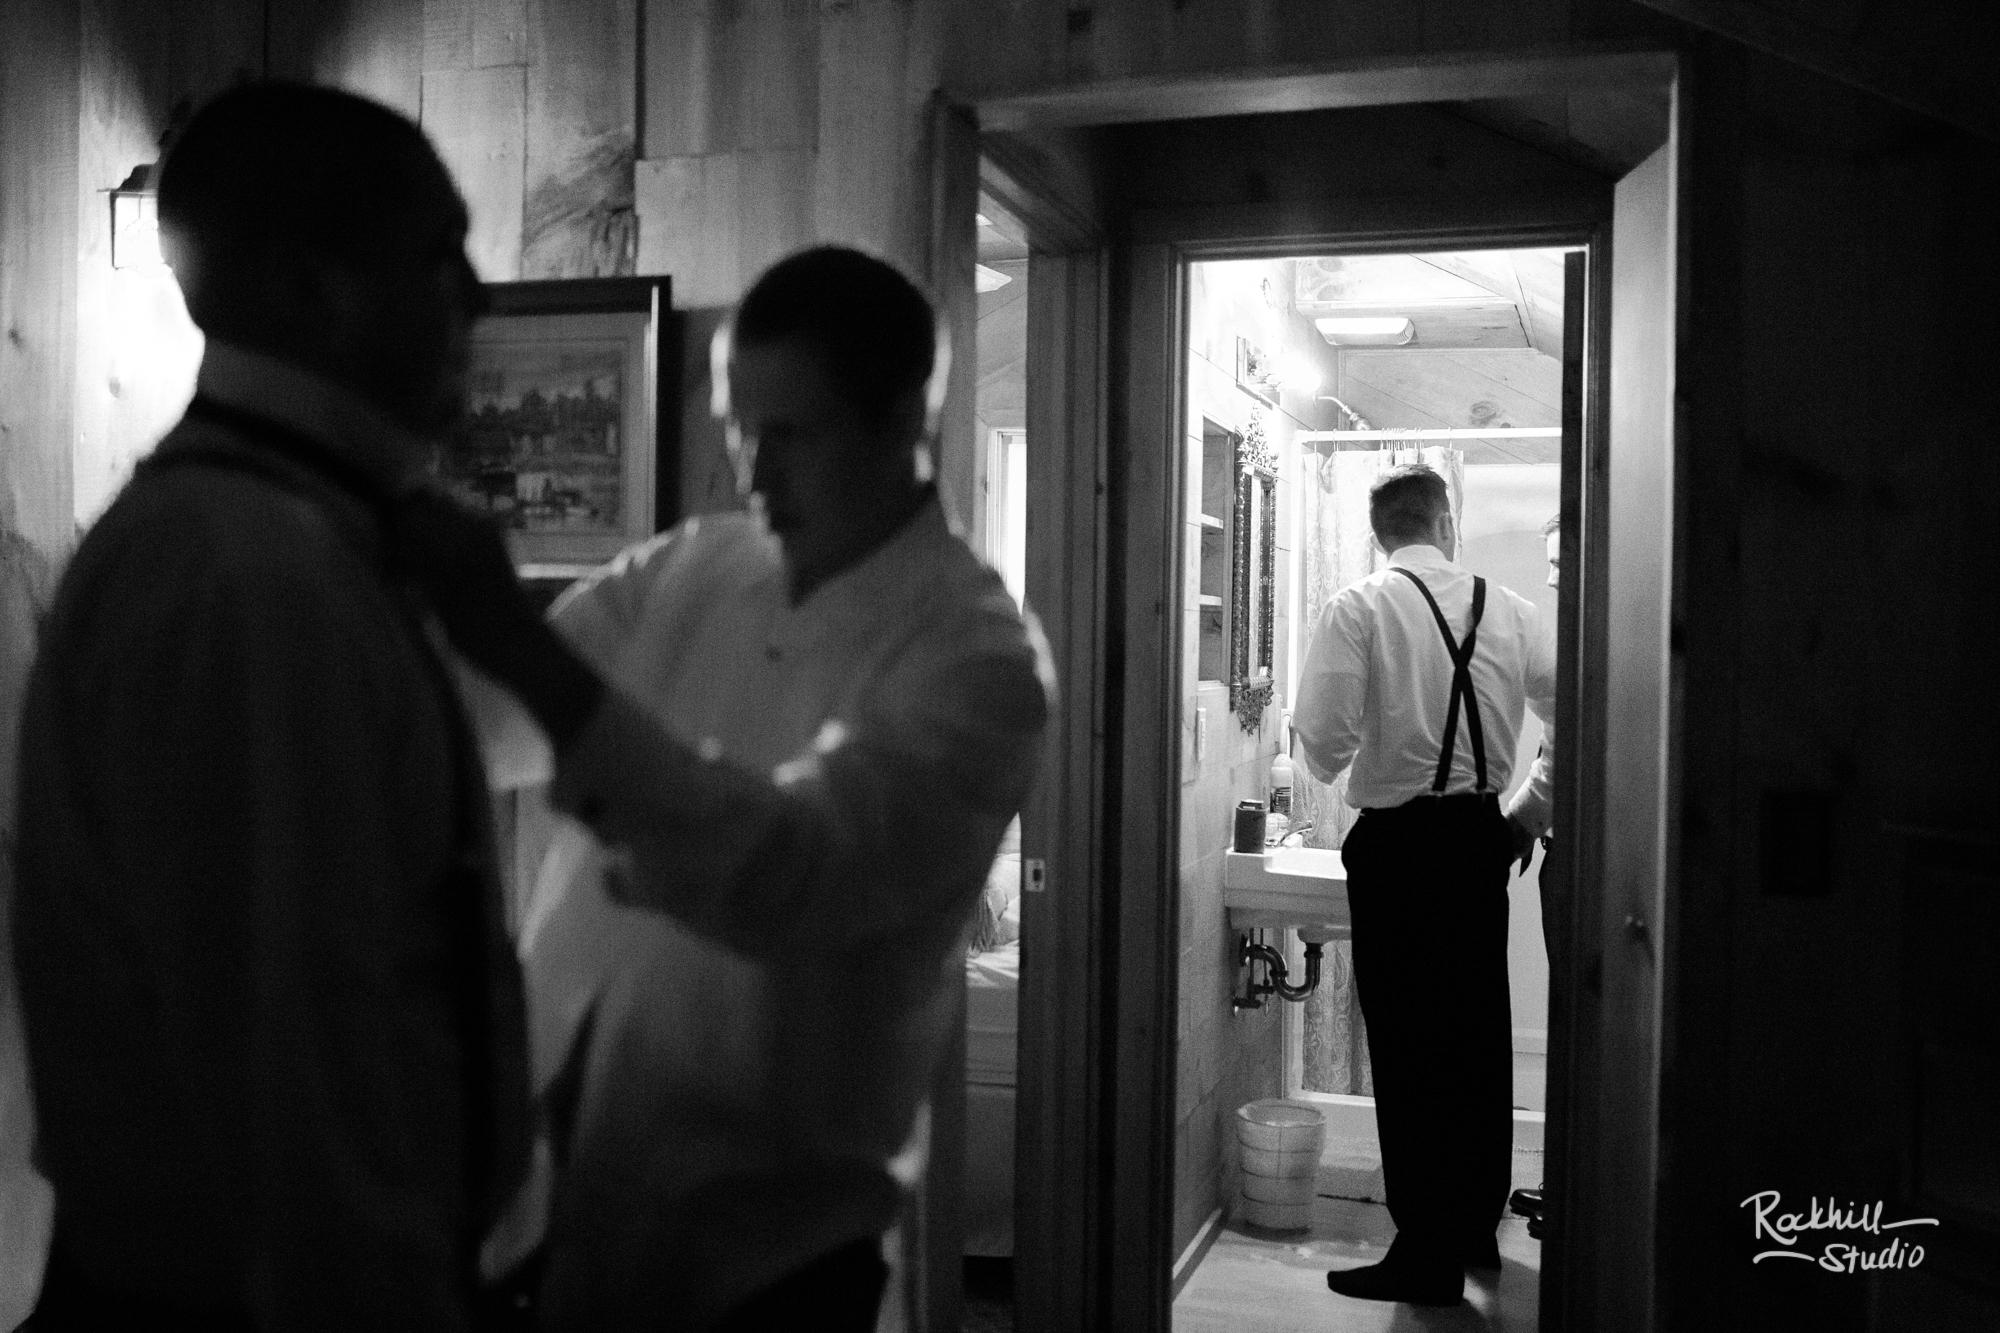 rockhill-studio-curtis-michigan-wedding-groom-getting-ready.jpg